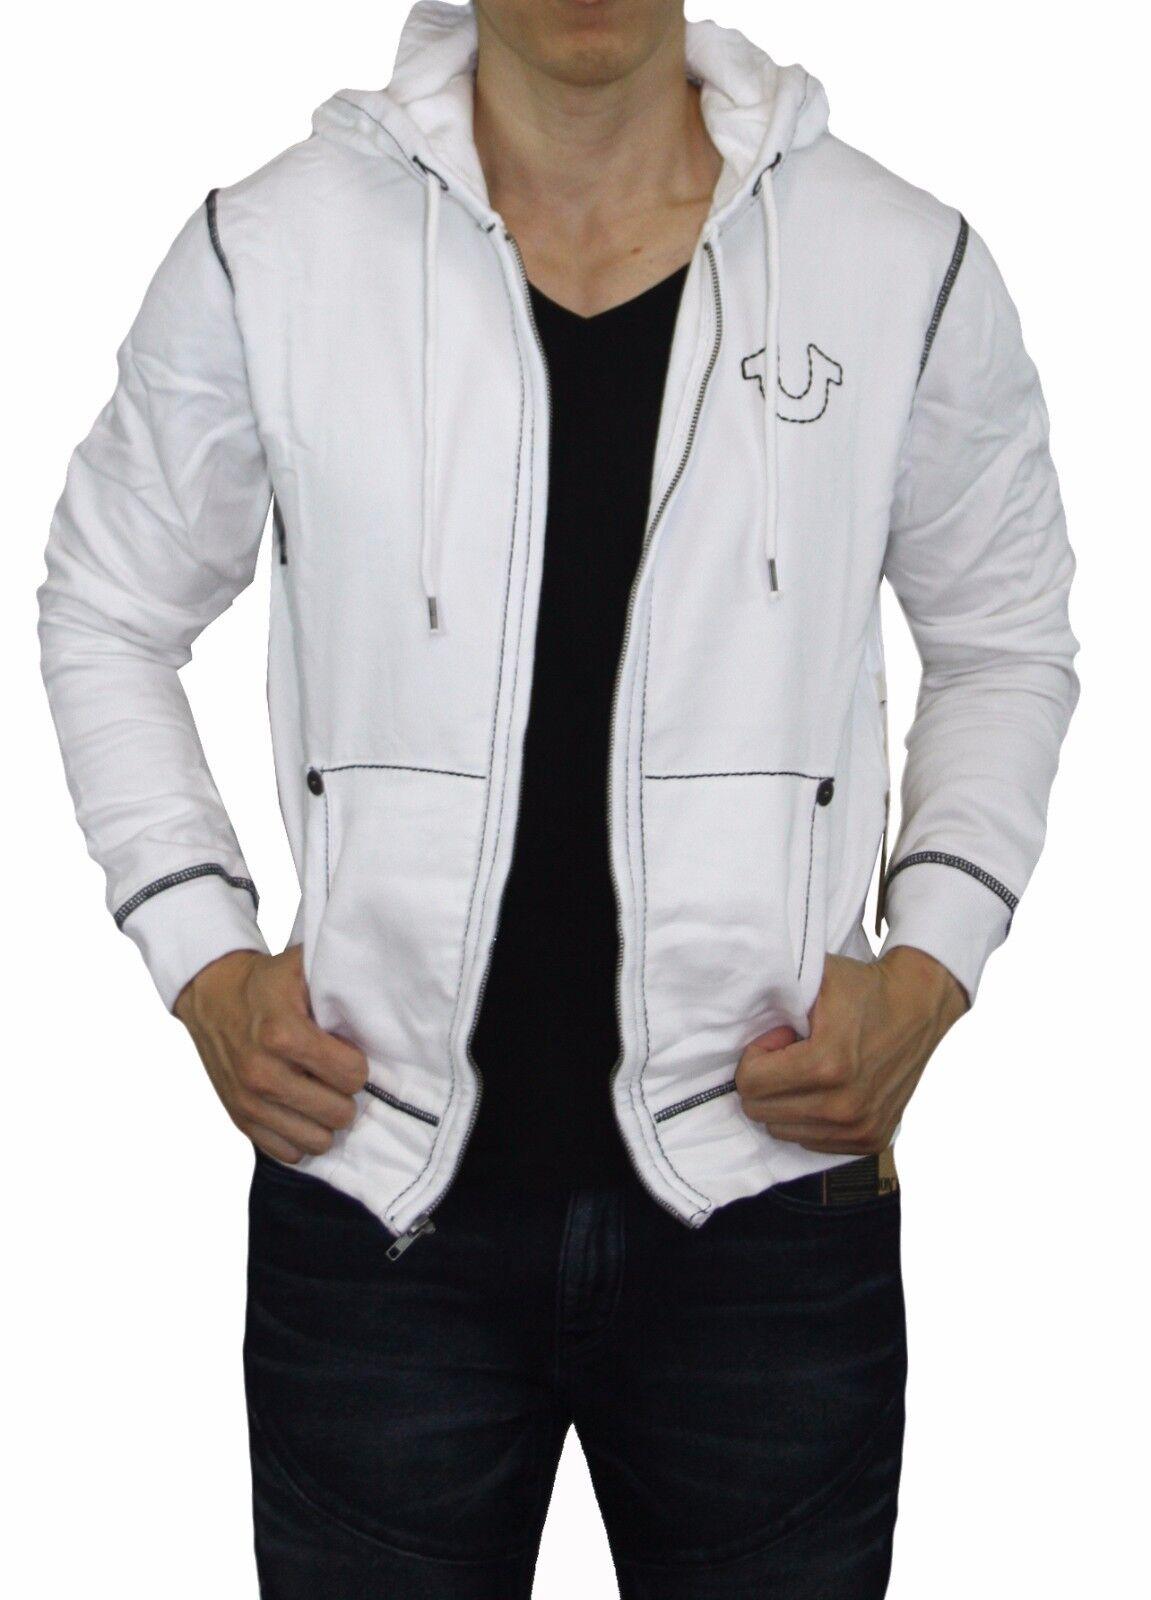 True Religion Brand Jean Men's Big T Stitch Logo Hoodie Jacket Outerwear White